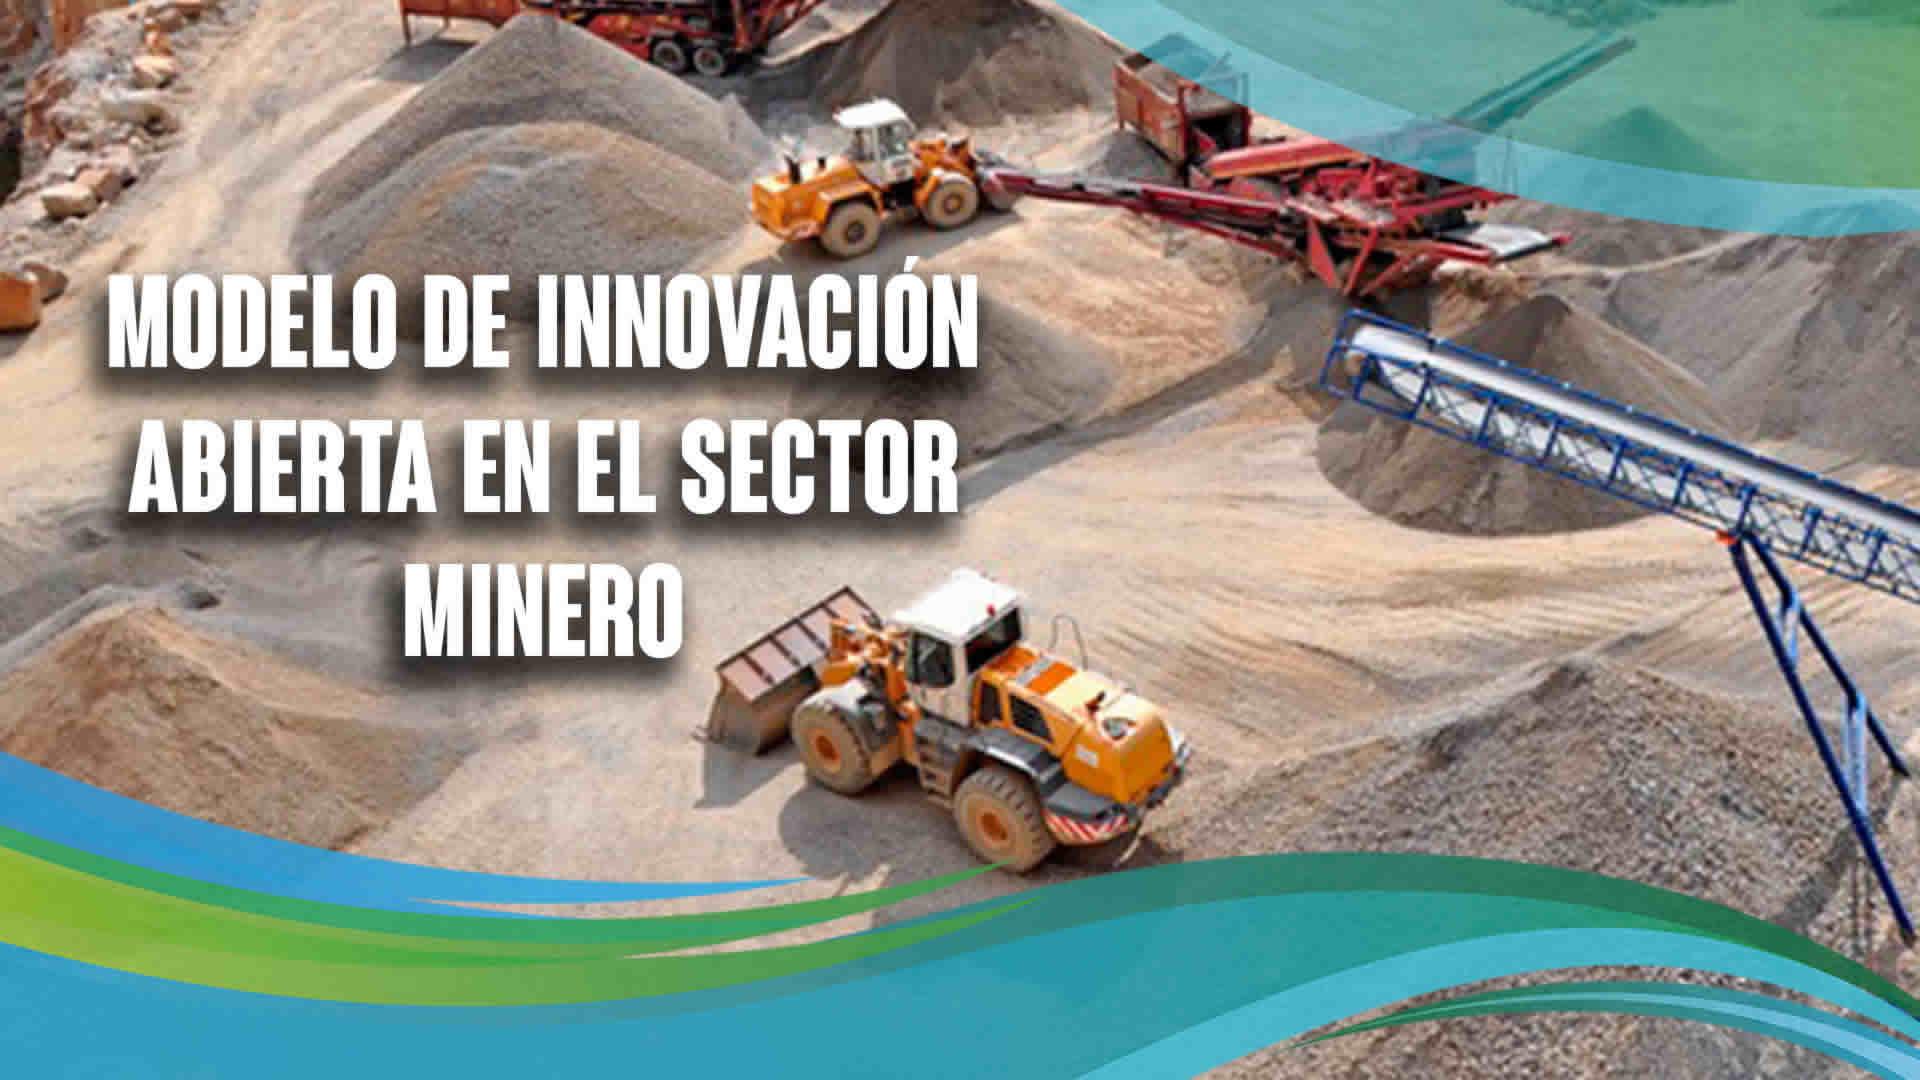 Modelo de innovación abierta en el sector minero